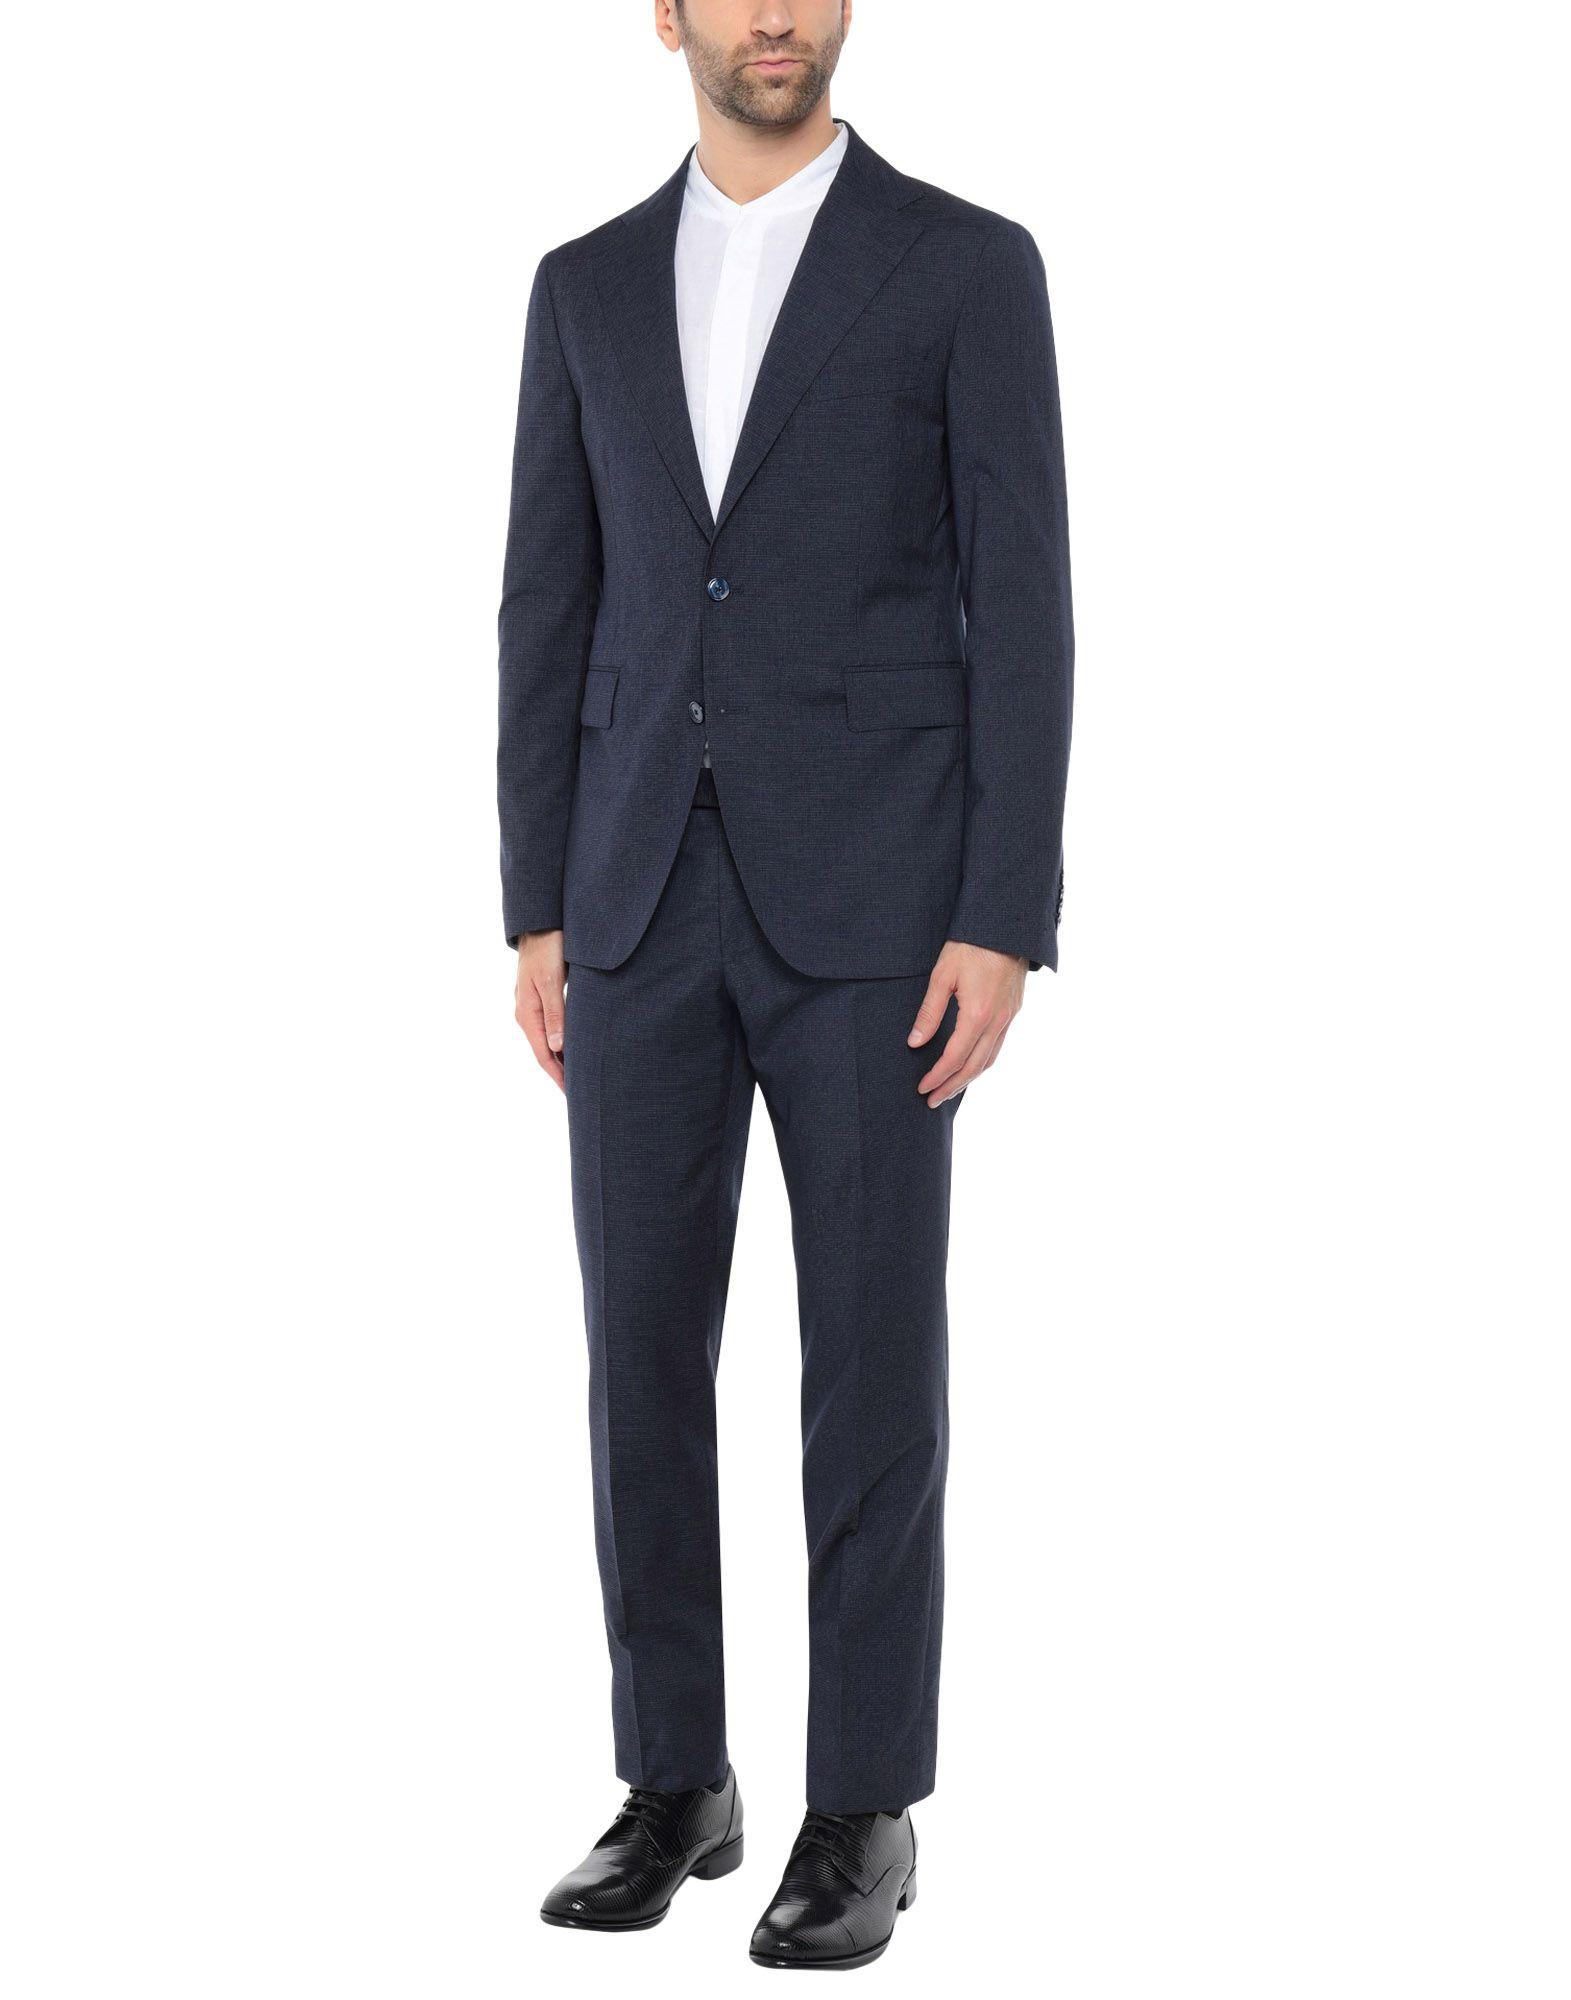 《送料無料》TAGLIATORE メンズ スーツ ダークブルー 50 スーパー100 ウール 96% / シルク 2% / ナイロン 2%